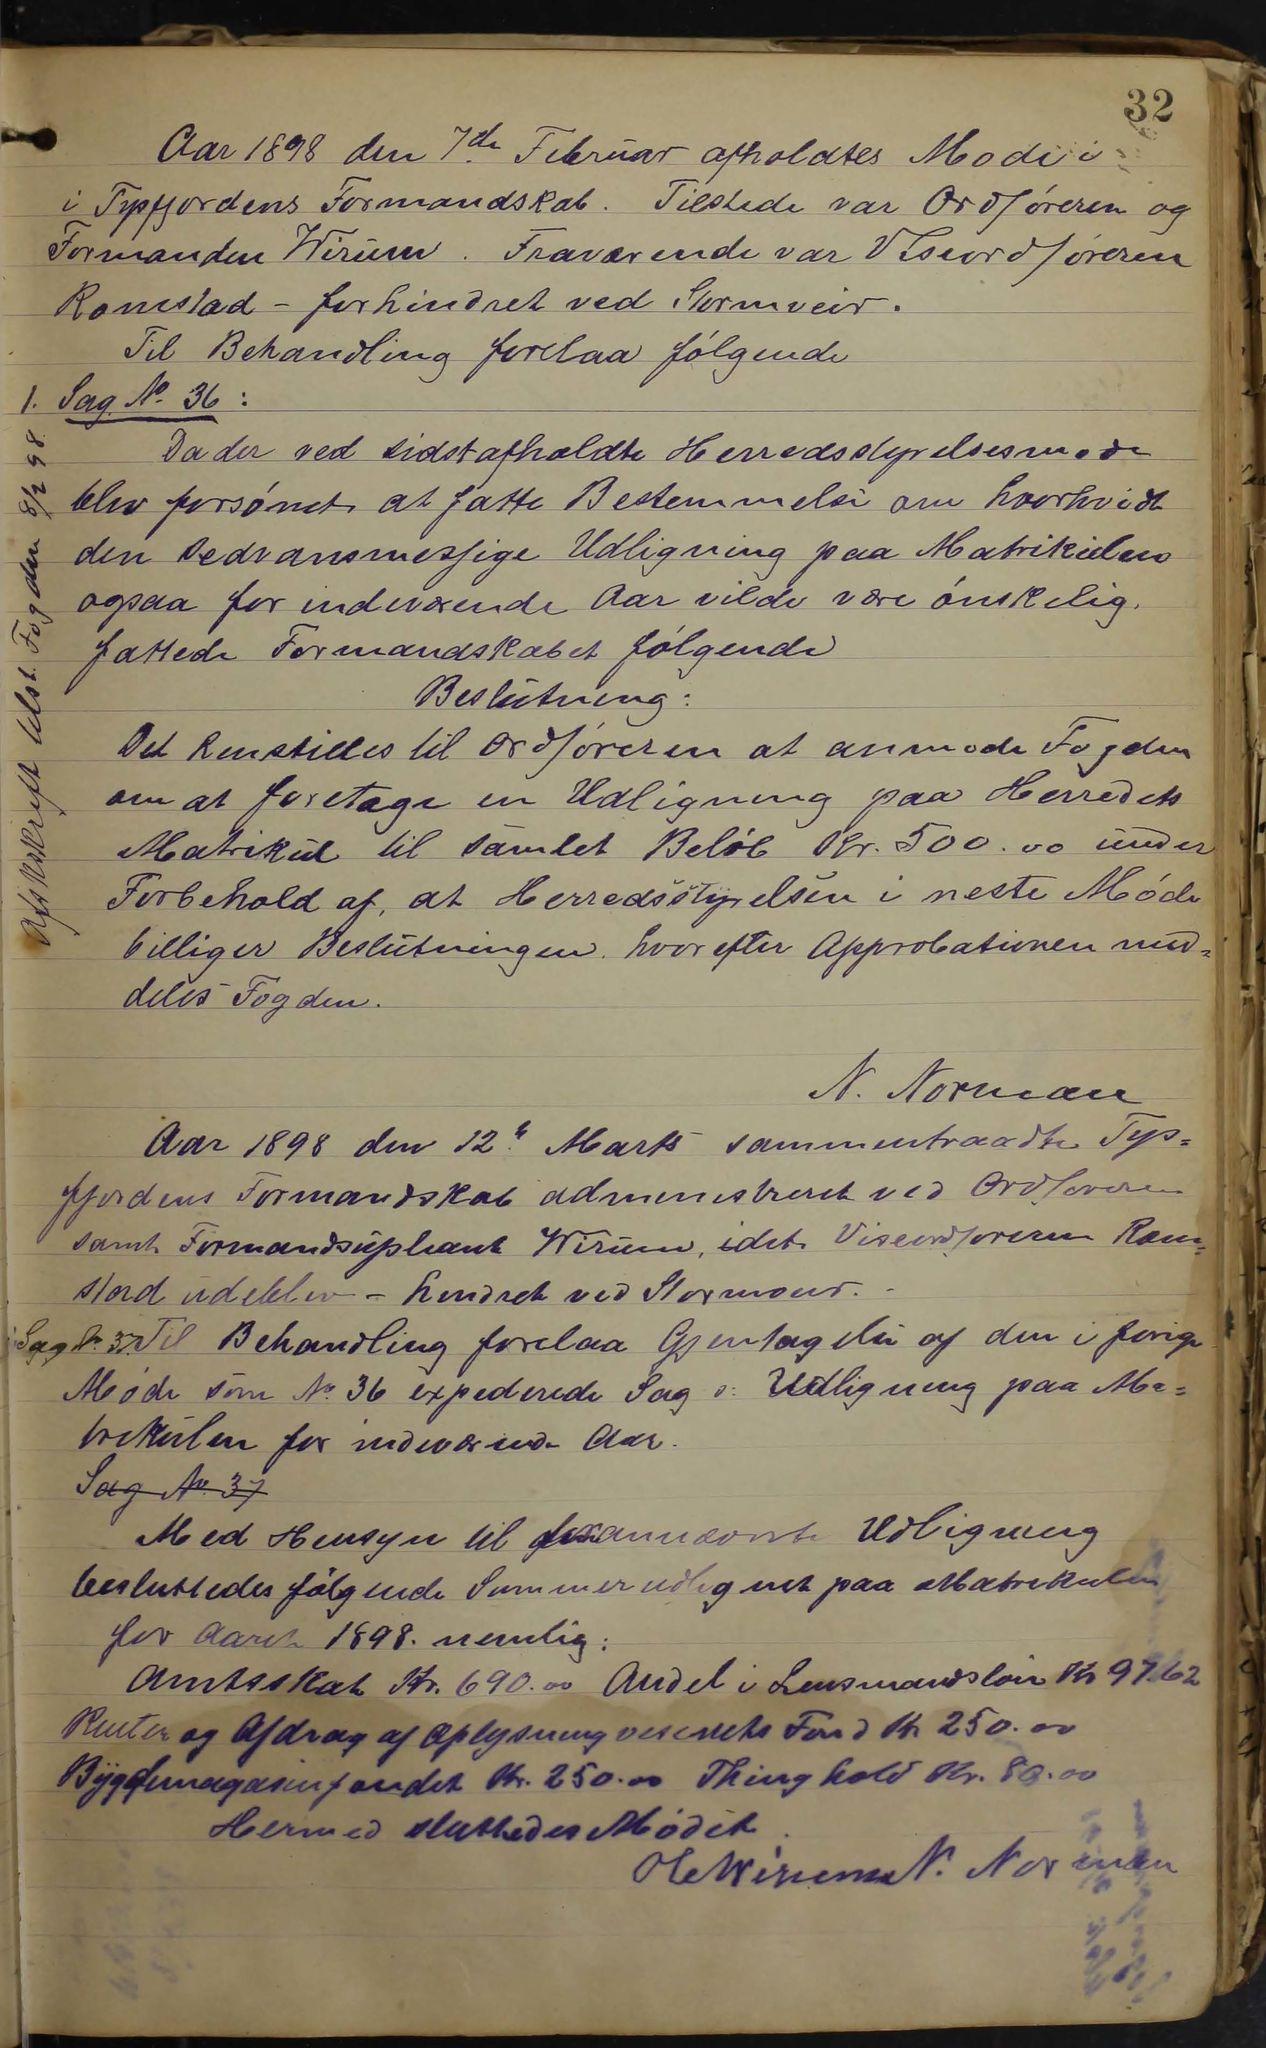 AIN, Tysfjord kommune. Formannskapet, 100/L0002: Forhandlingsprotokoll for Tysfjordens formandskap, 1895-1912, p. 32